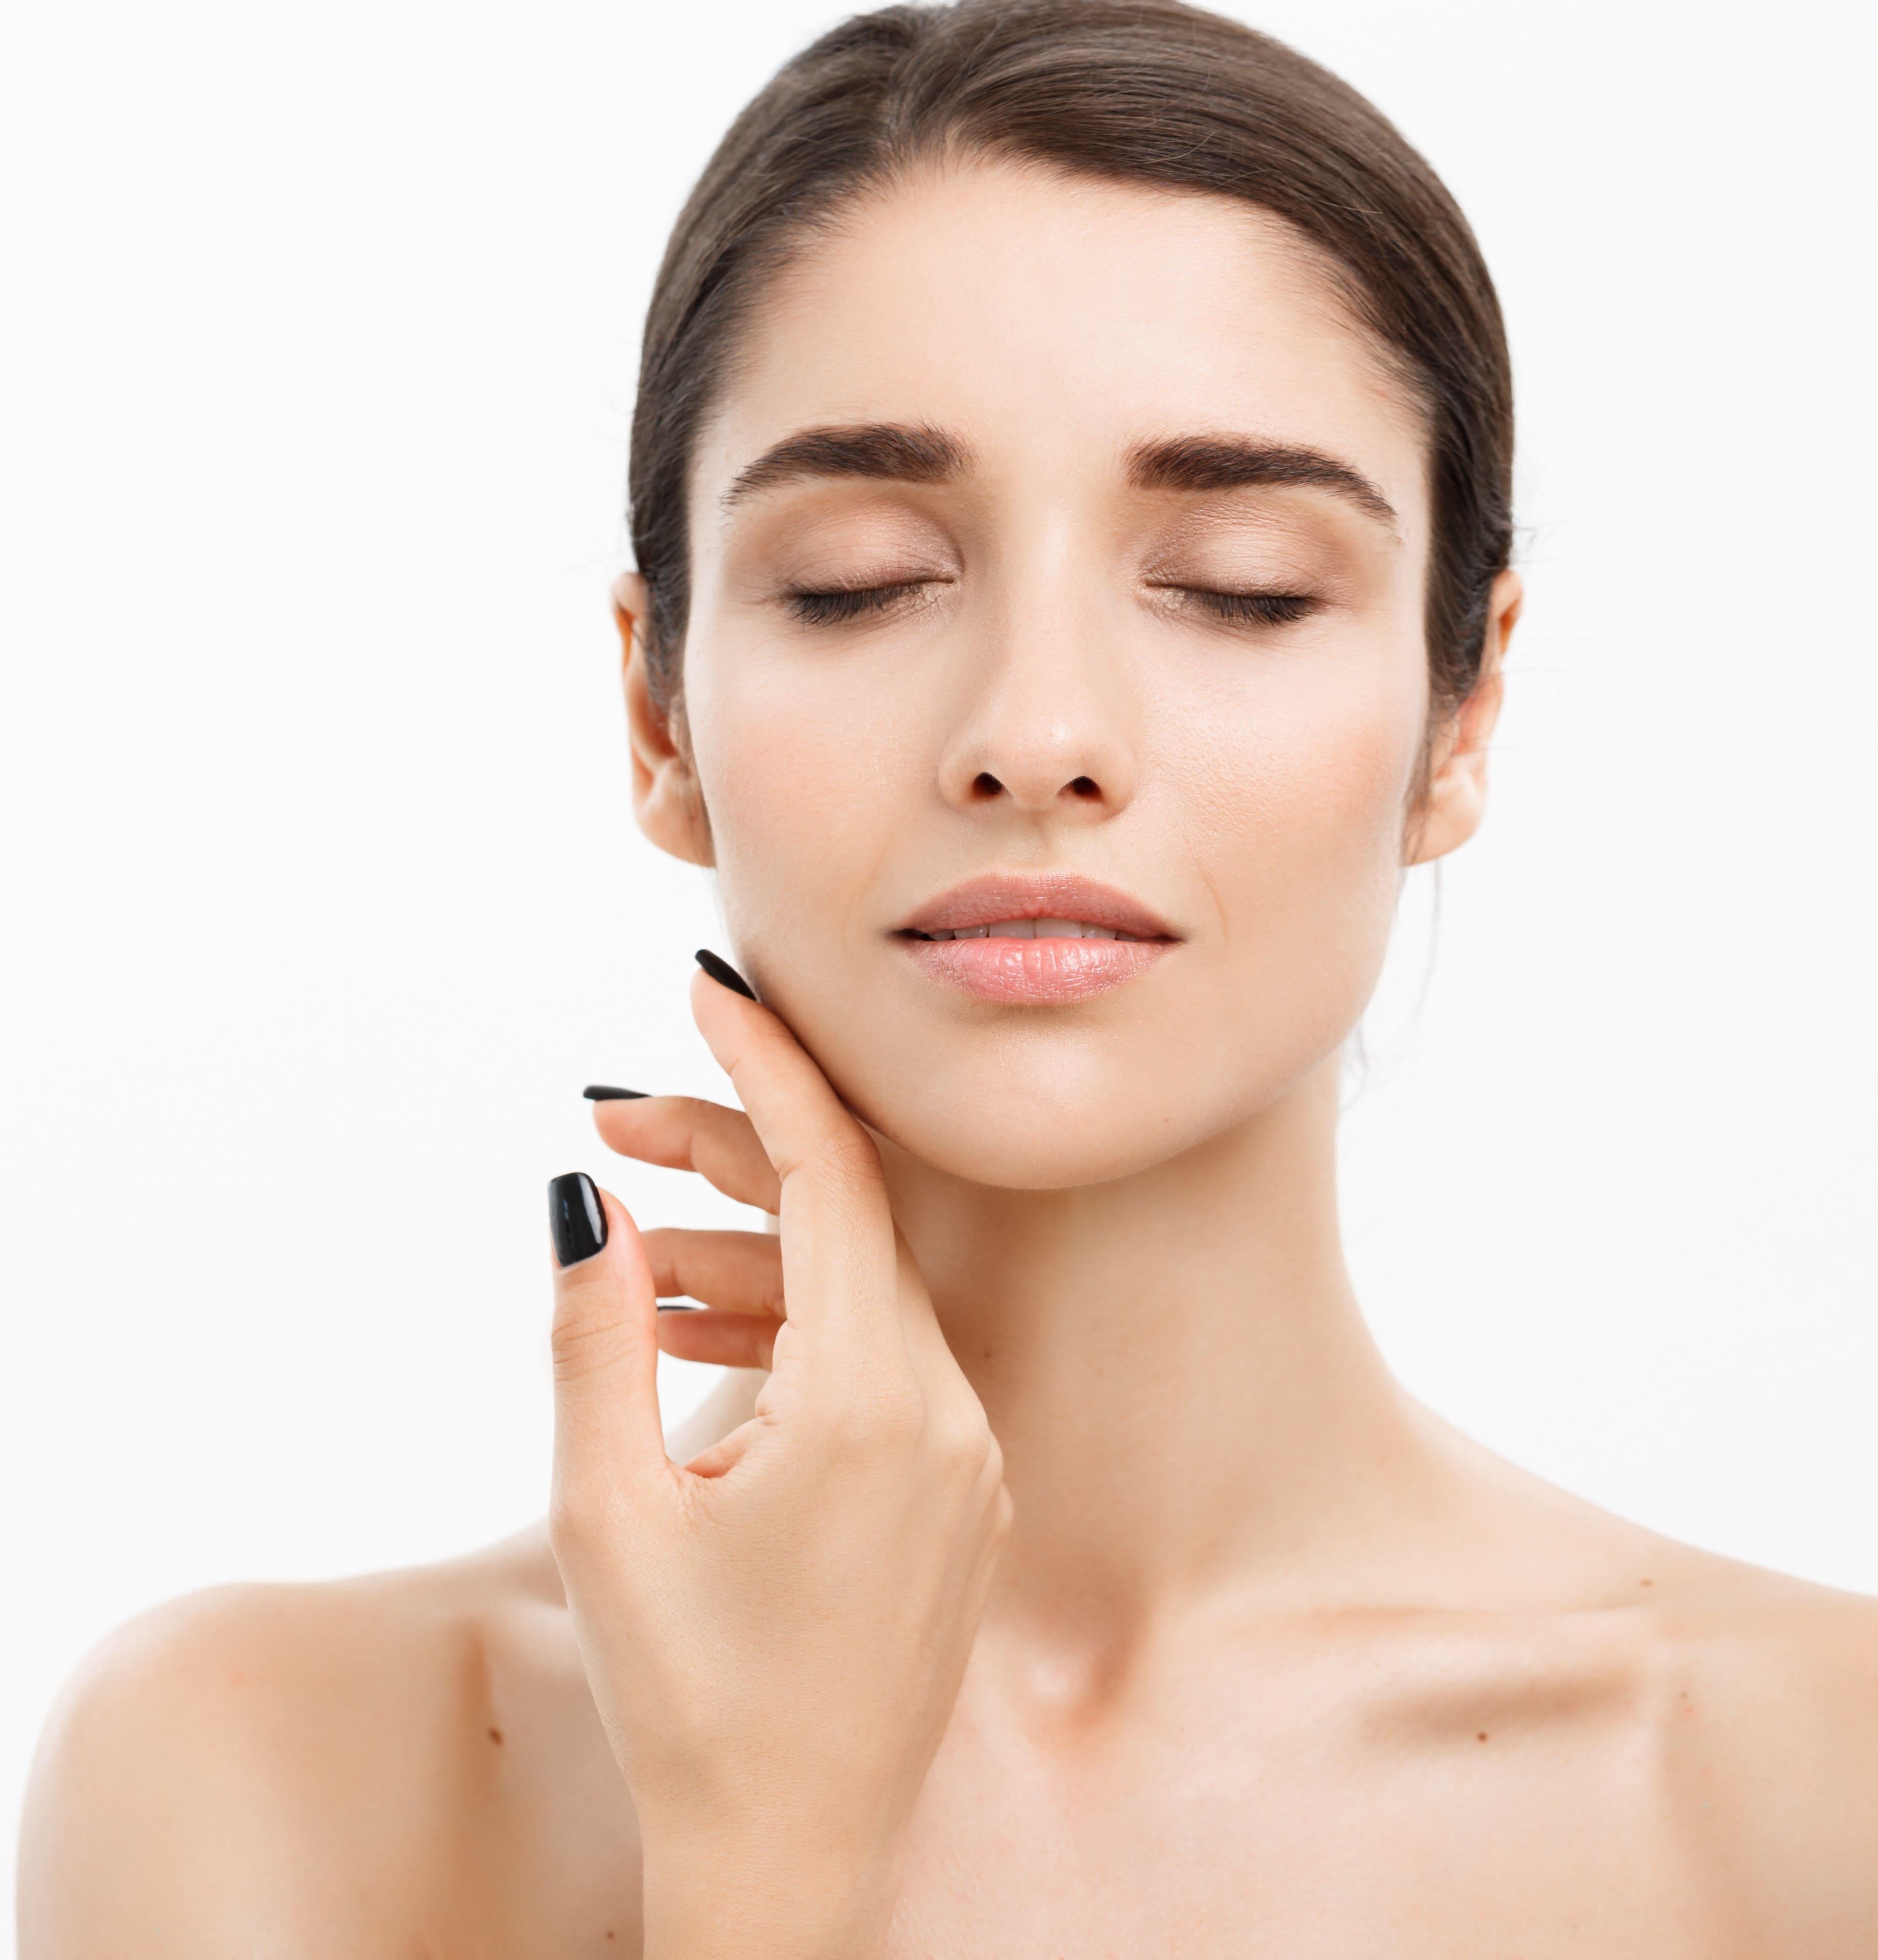 Gesichtsbehandlung für schöne Haut in jedem Alter